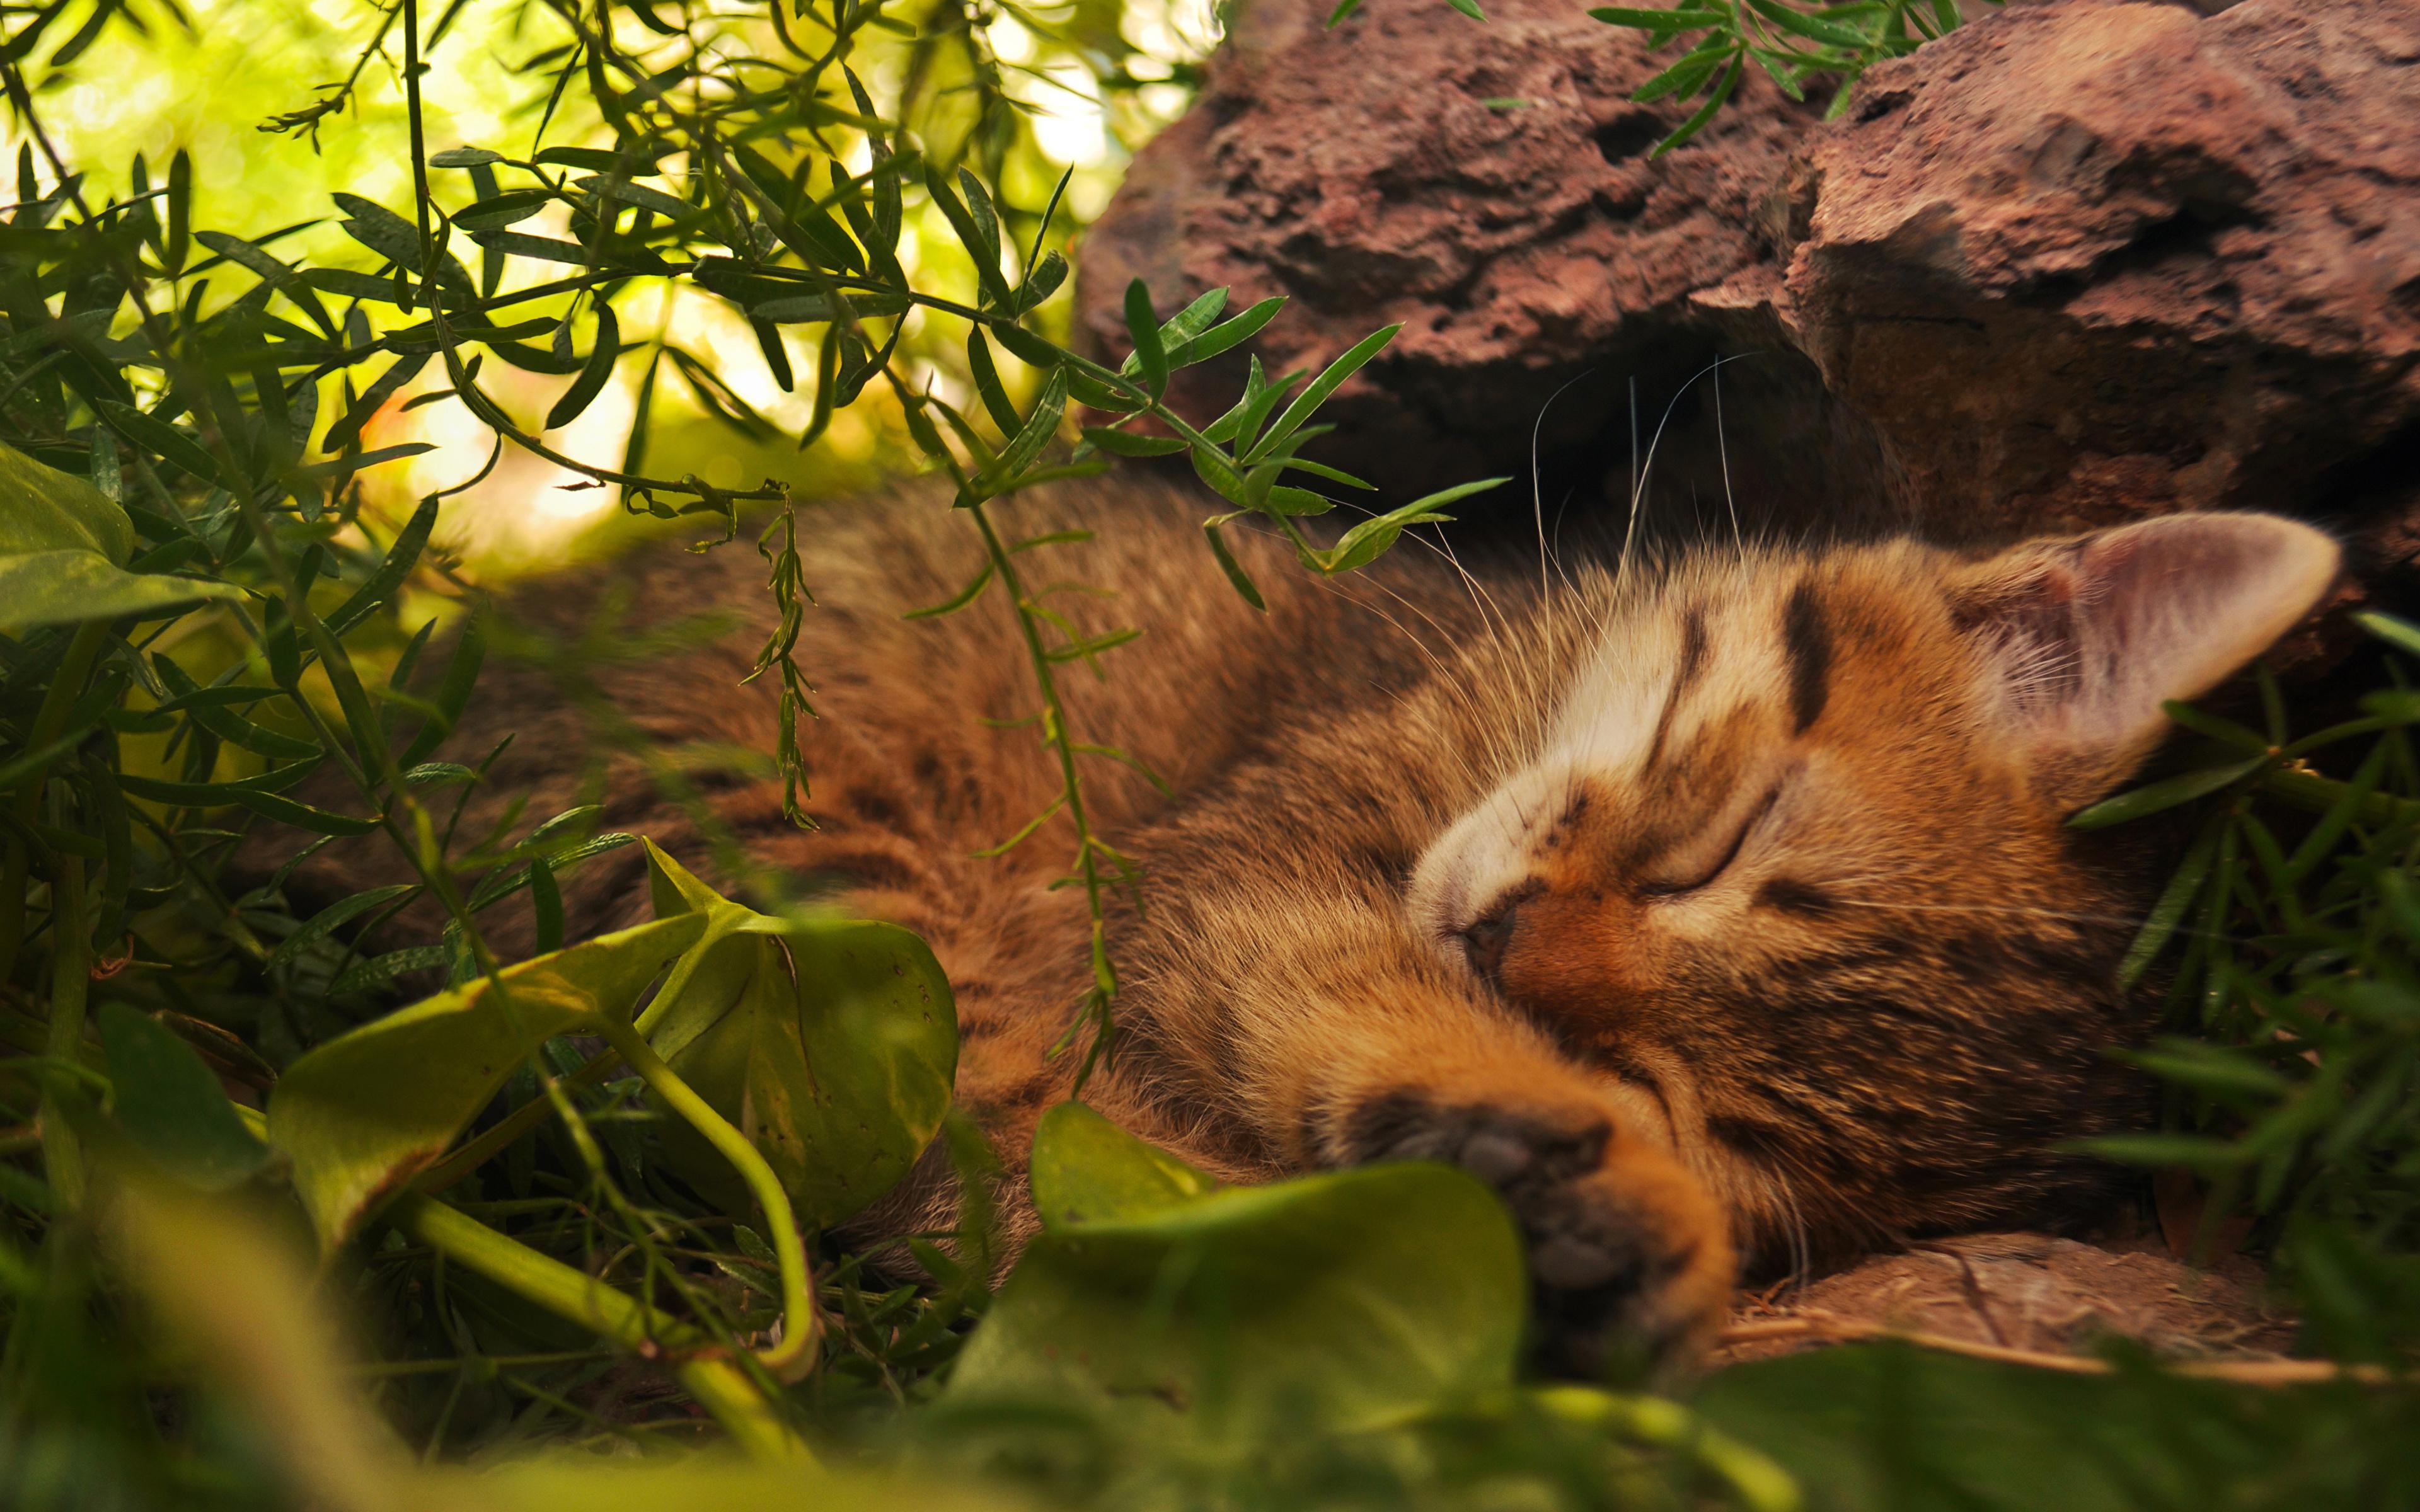 природа рыжий кот трава листья животное рот без смс